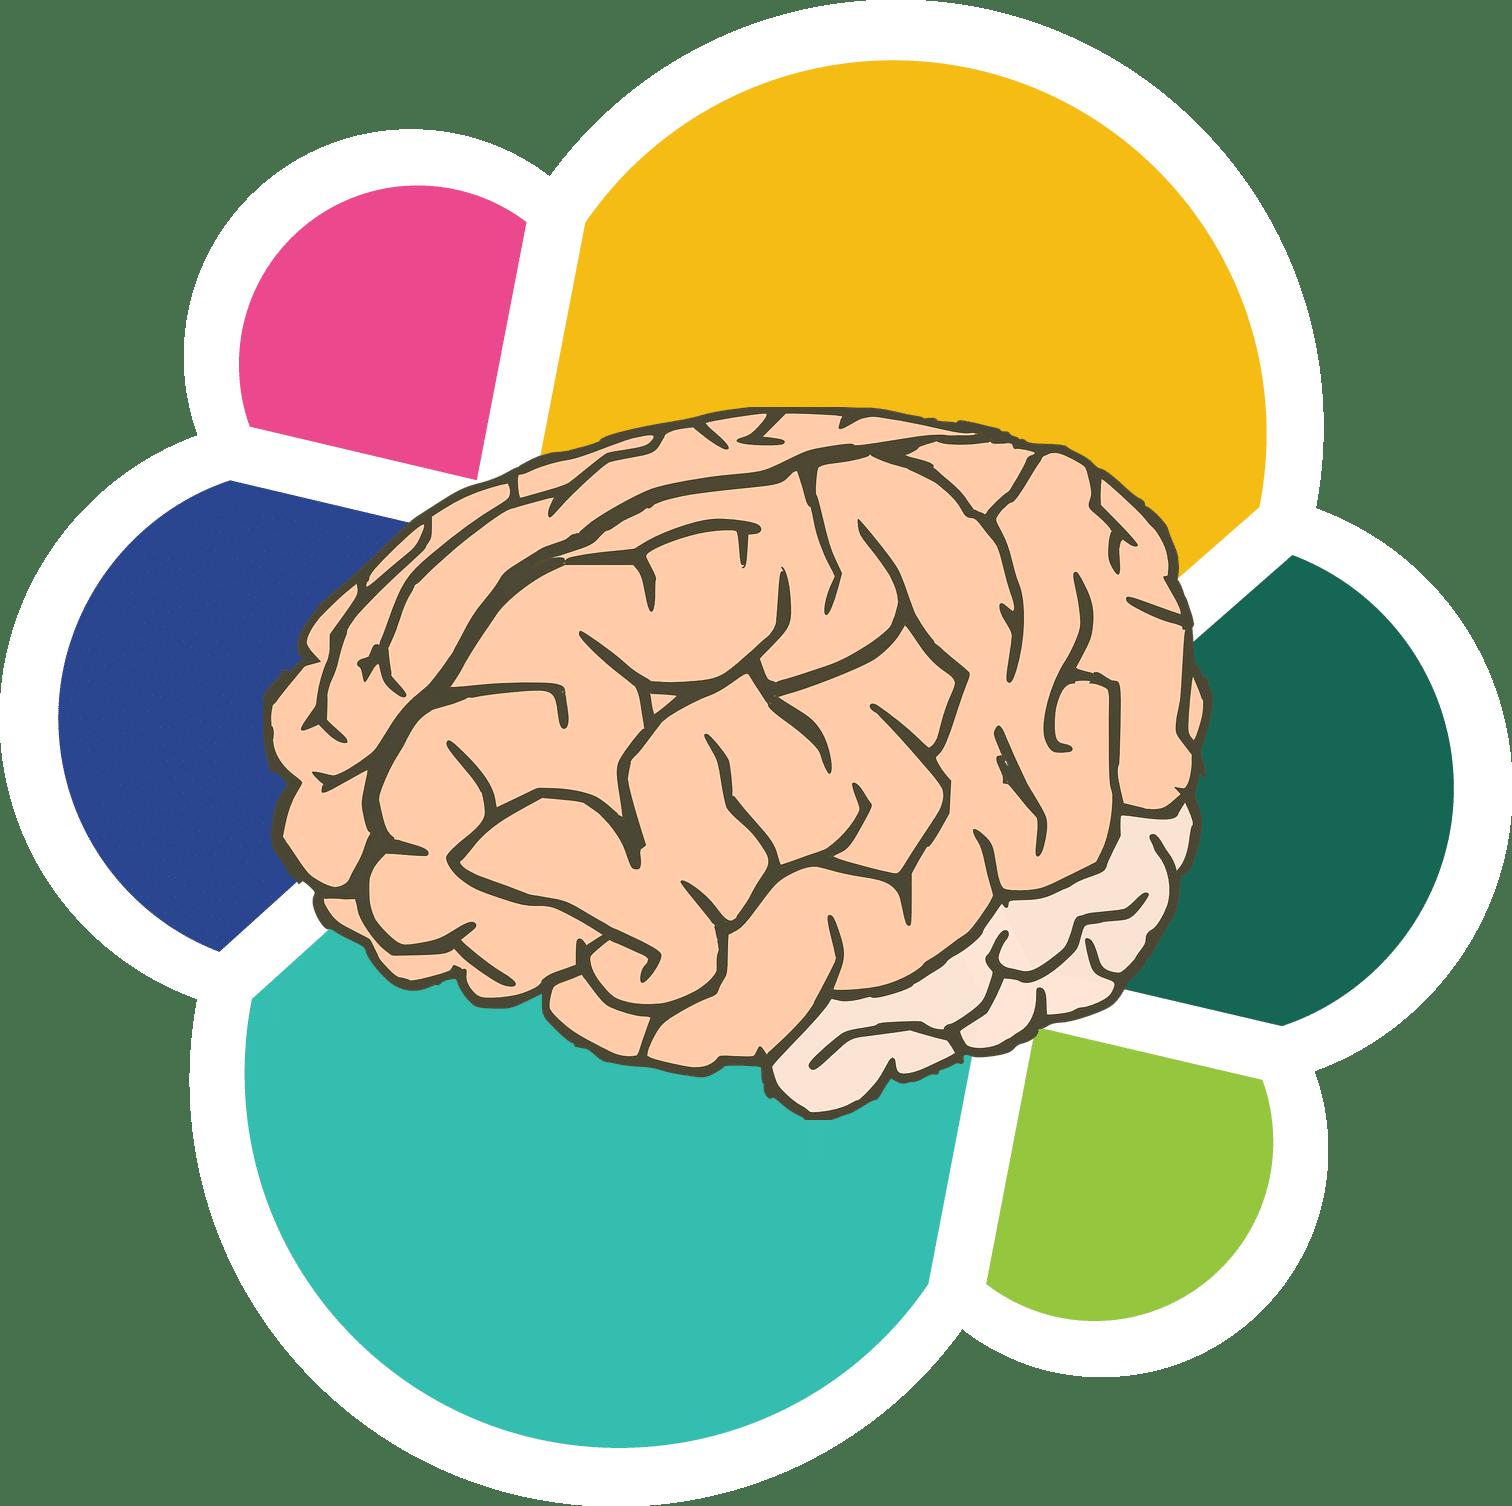 Cerebro sobre fondo de colores